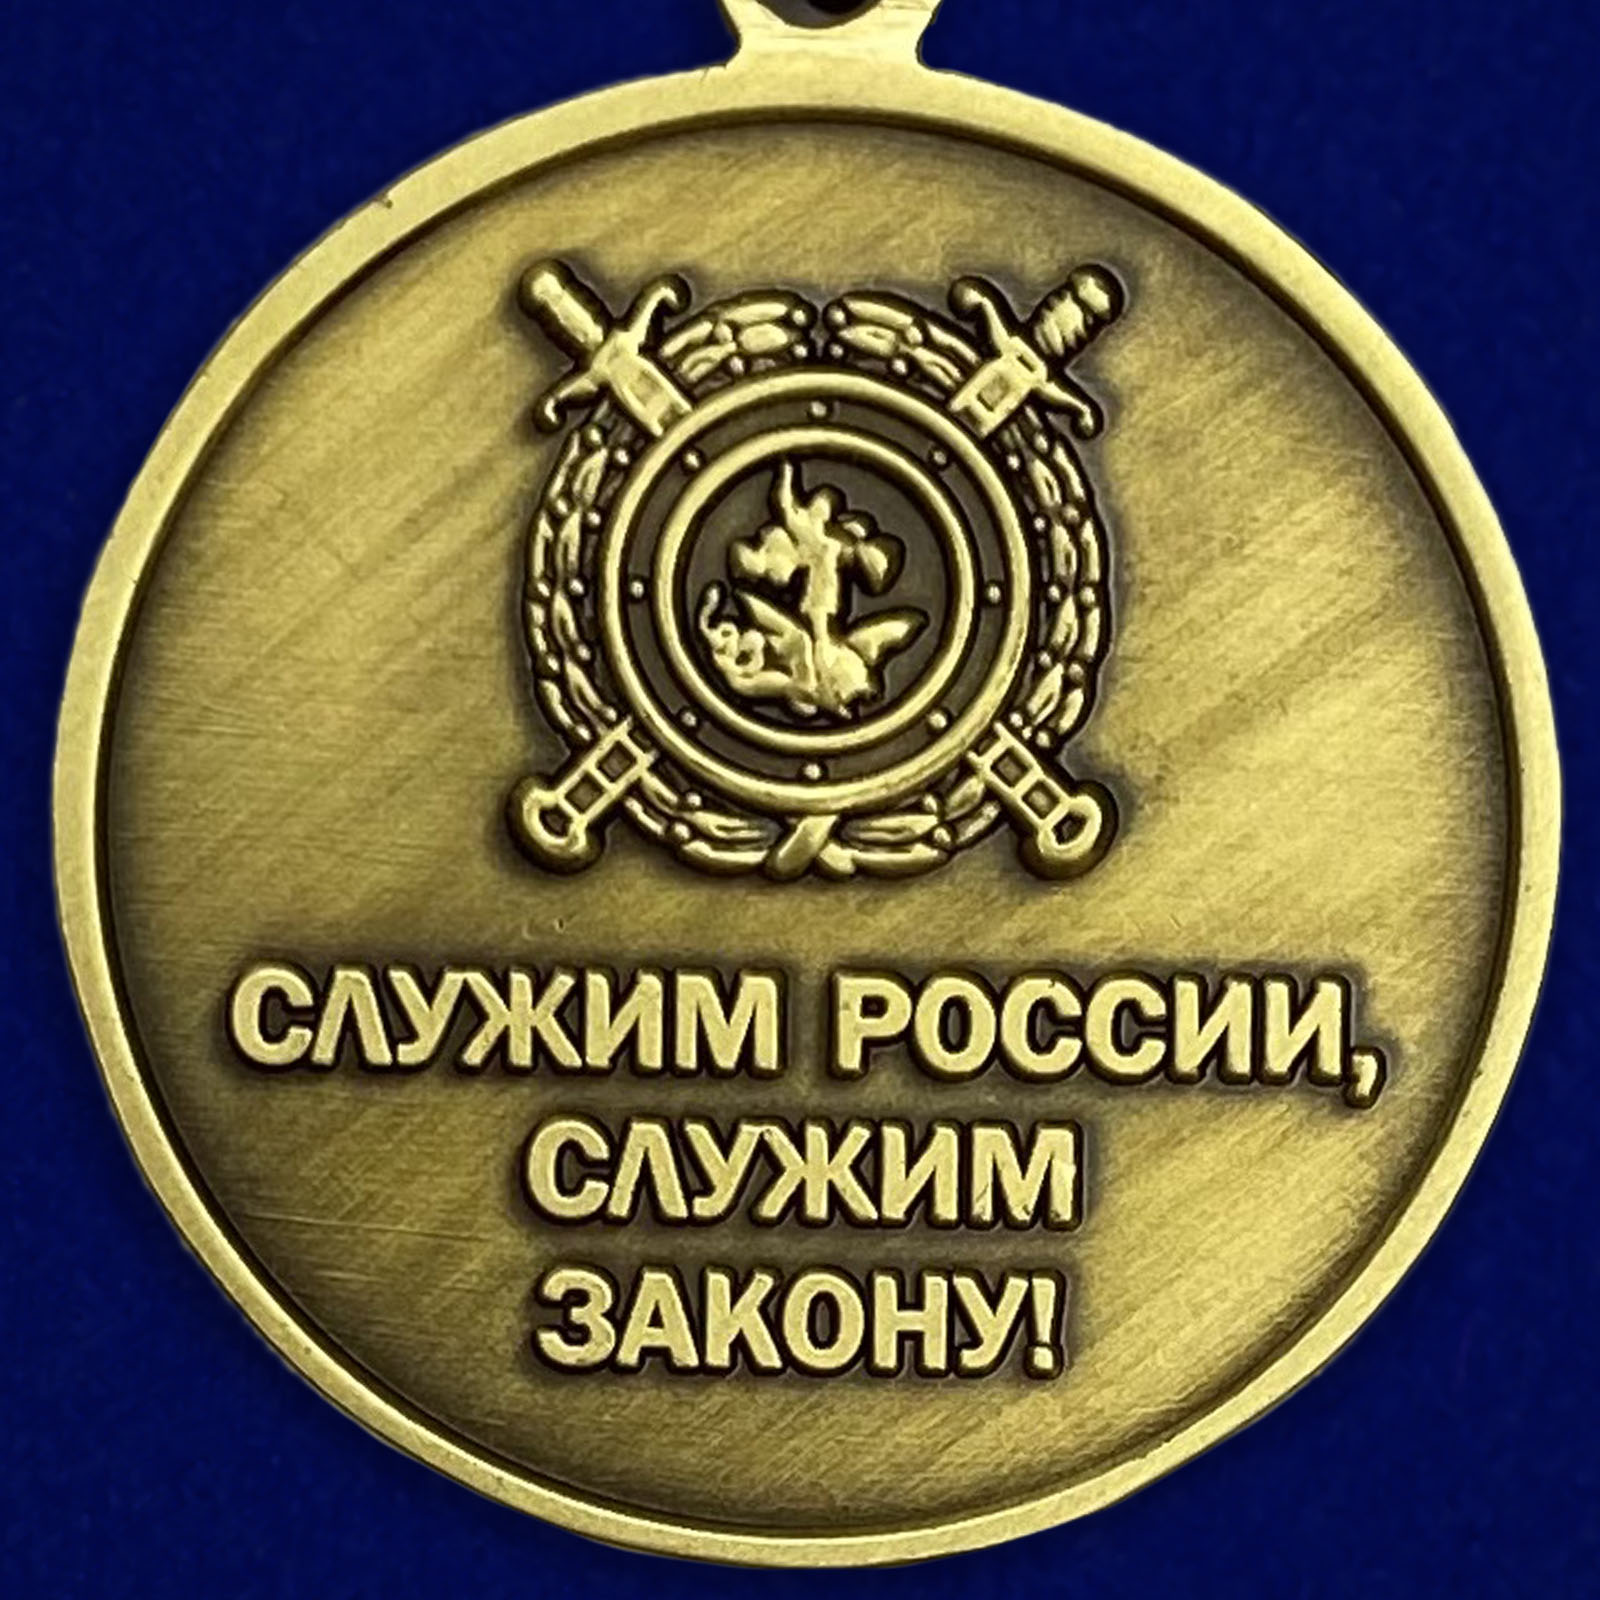 Медаль Ветеран МВД «Служим России, служим закону!» - лучшее качество